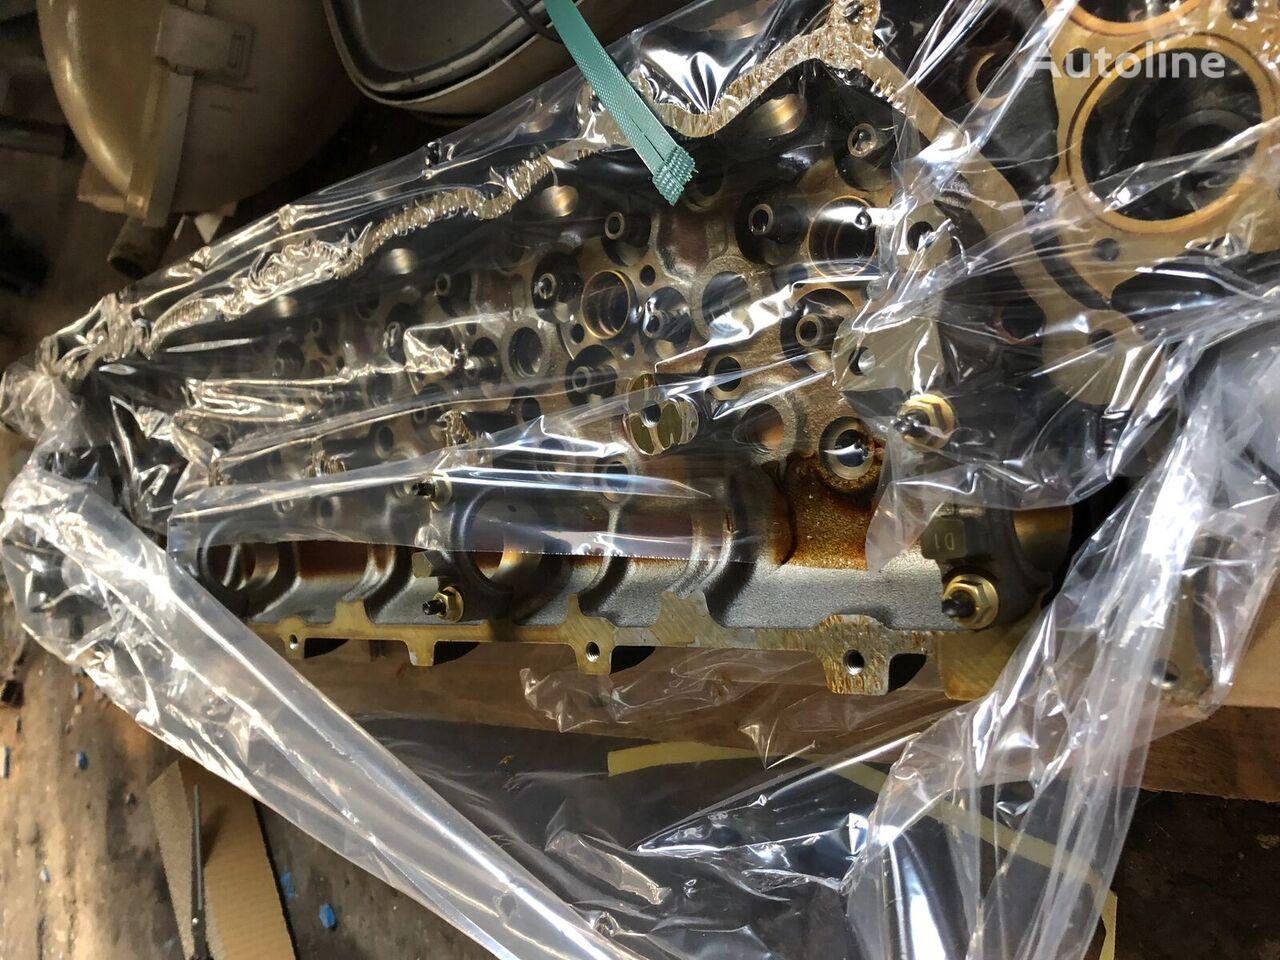 kepala silinder HITACHI ZX350 or kobelco ISUZU ,202 KW 6 cylinder head NEW (AH-6HK1XYSA-01) untuk excavator baru